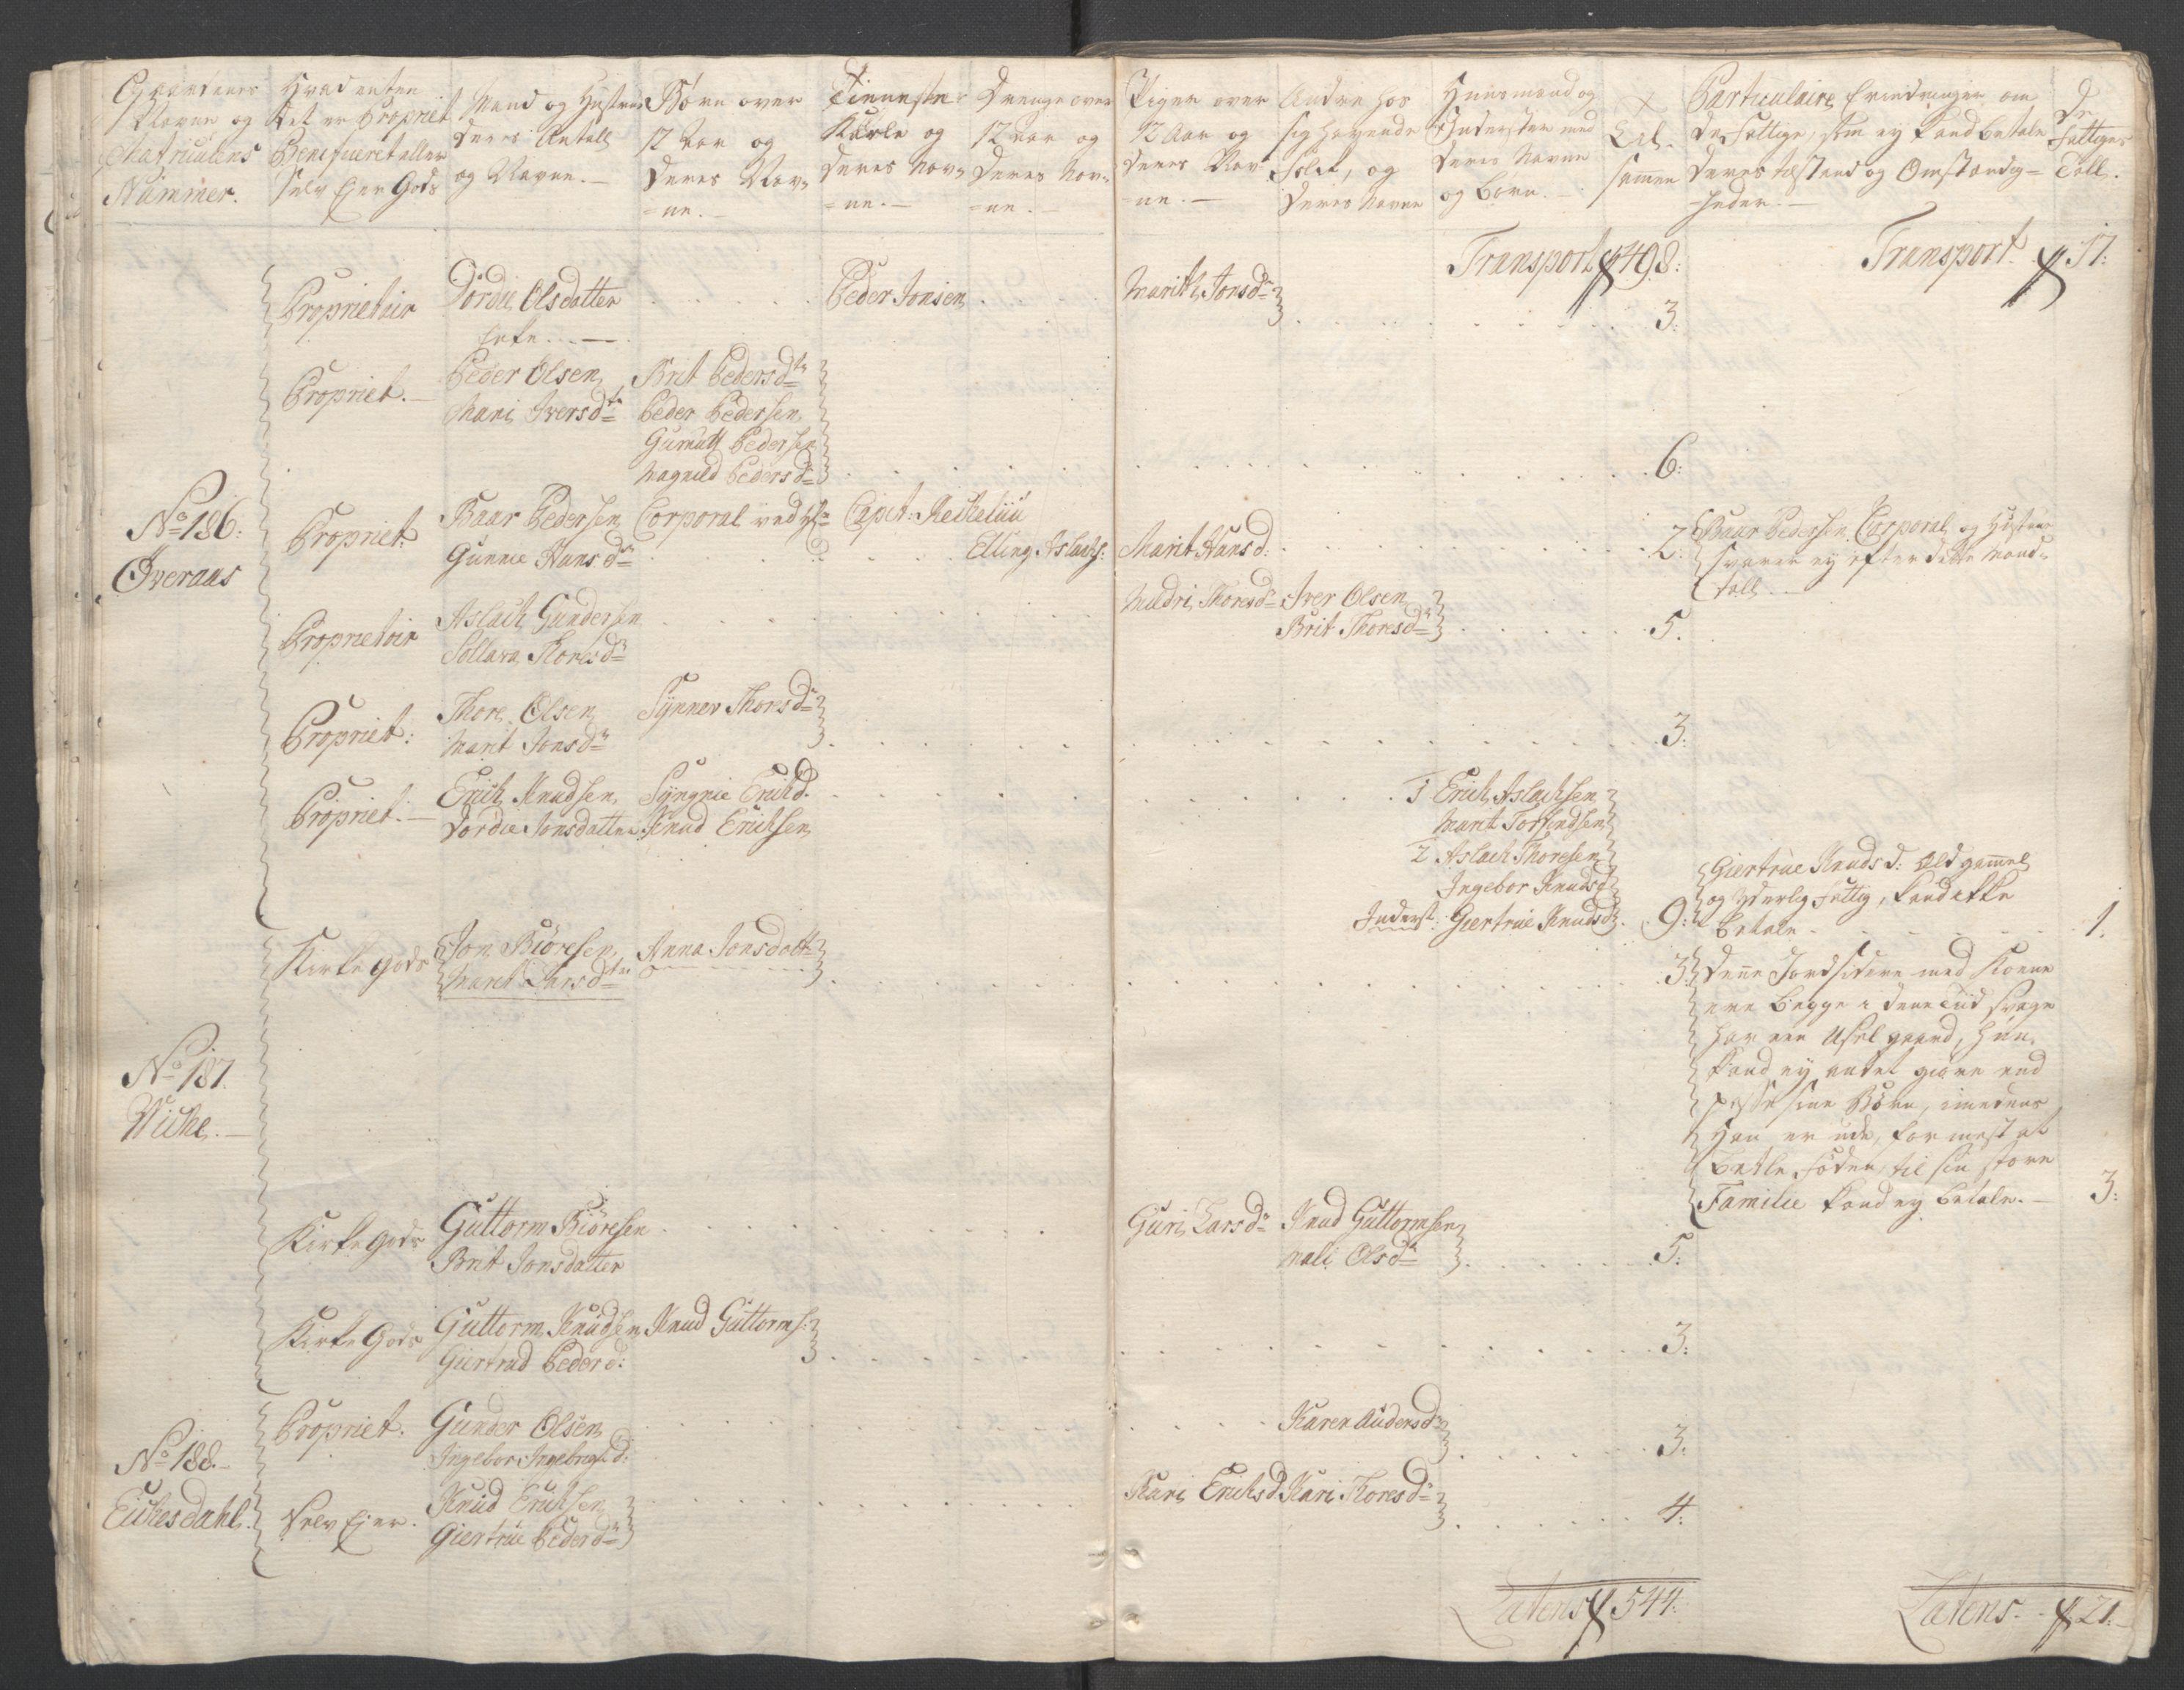 RA, Rentekammeret inntil 1814, Reviderte regnskaper, Fogderegnskap, R55/L3730: Ekstraskatten Romsdal, 1762-1763, s. 33